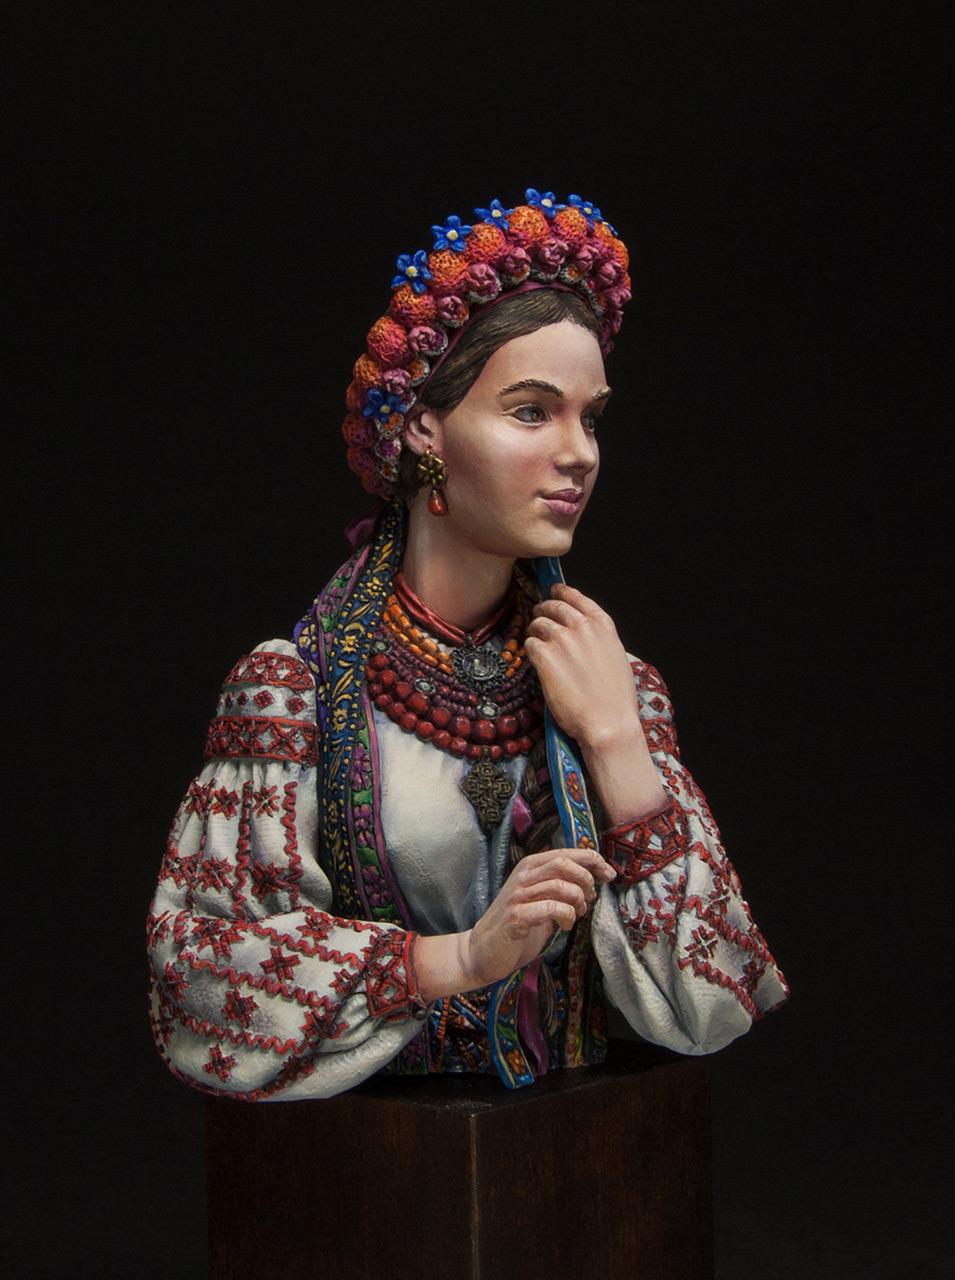 Figures: Marusya Churay, Ukrainian girl, photo #6